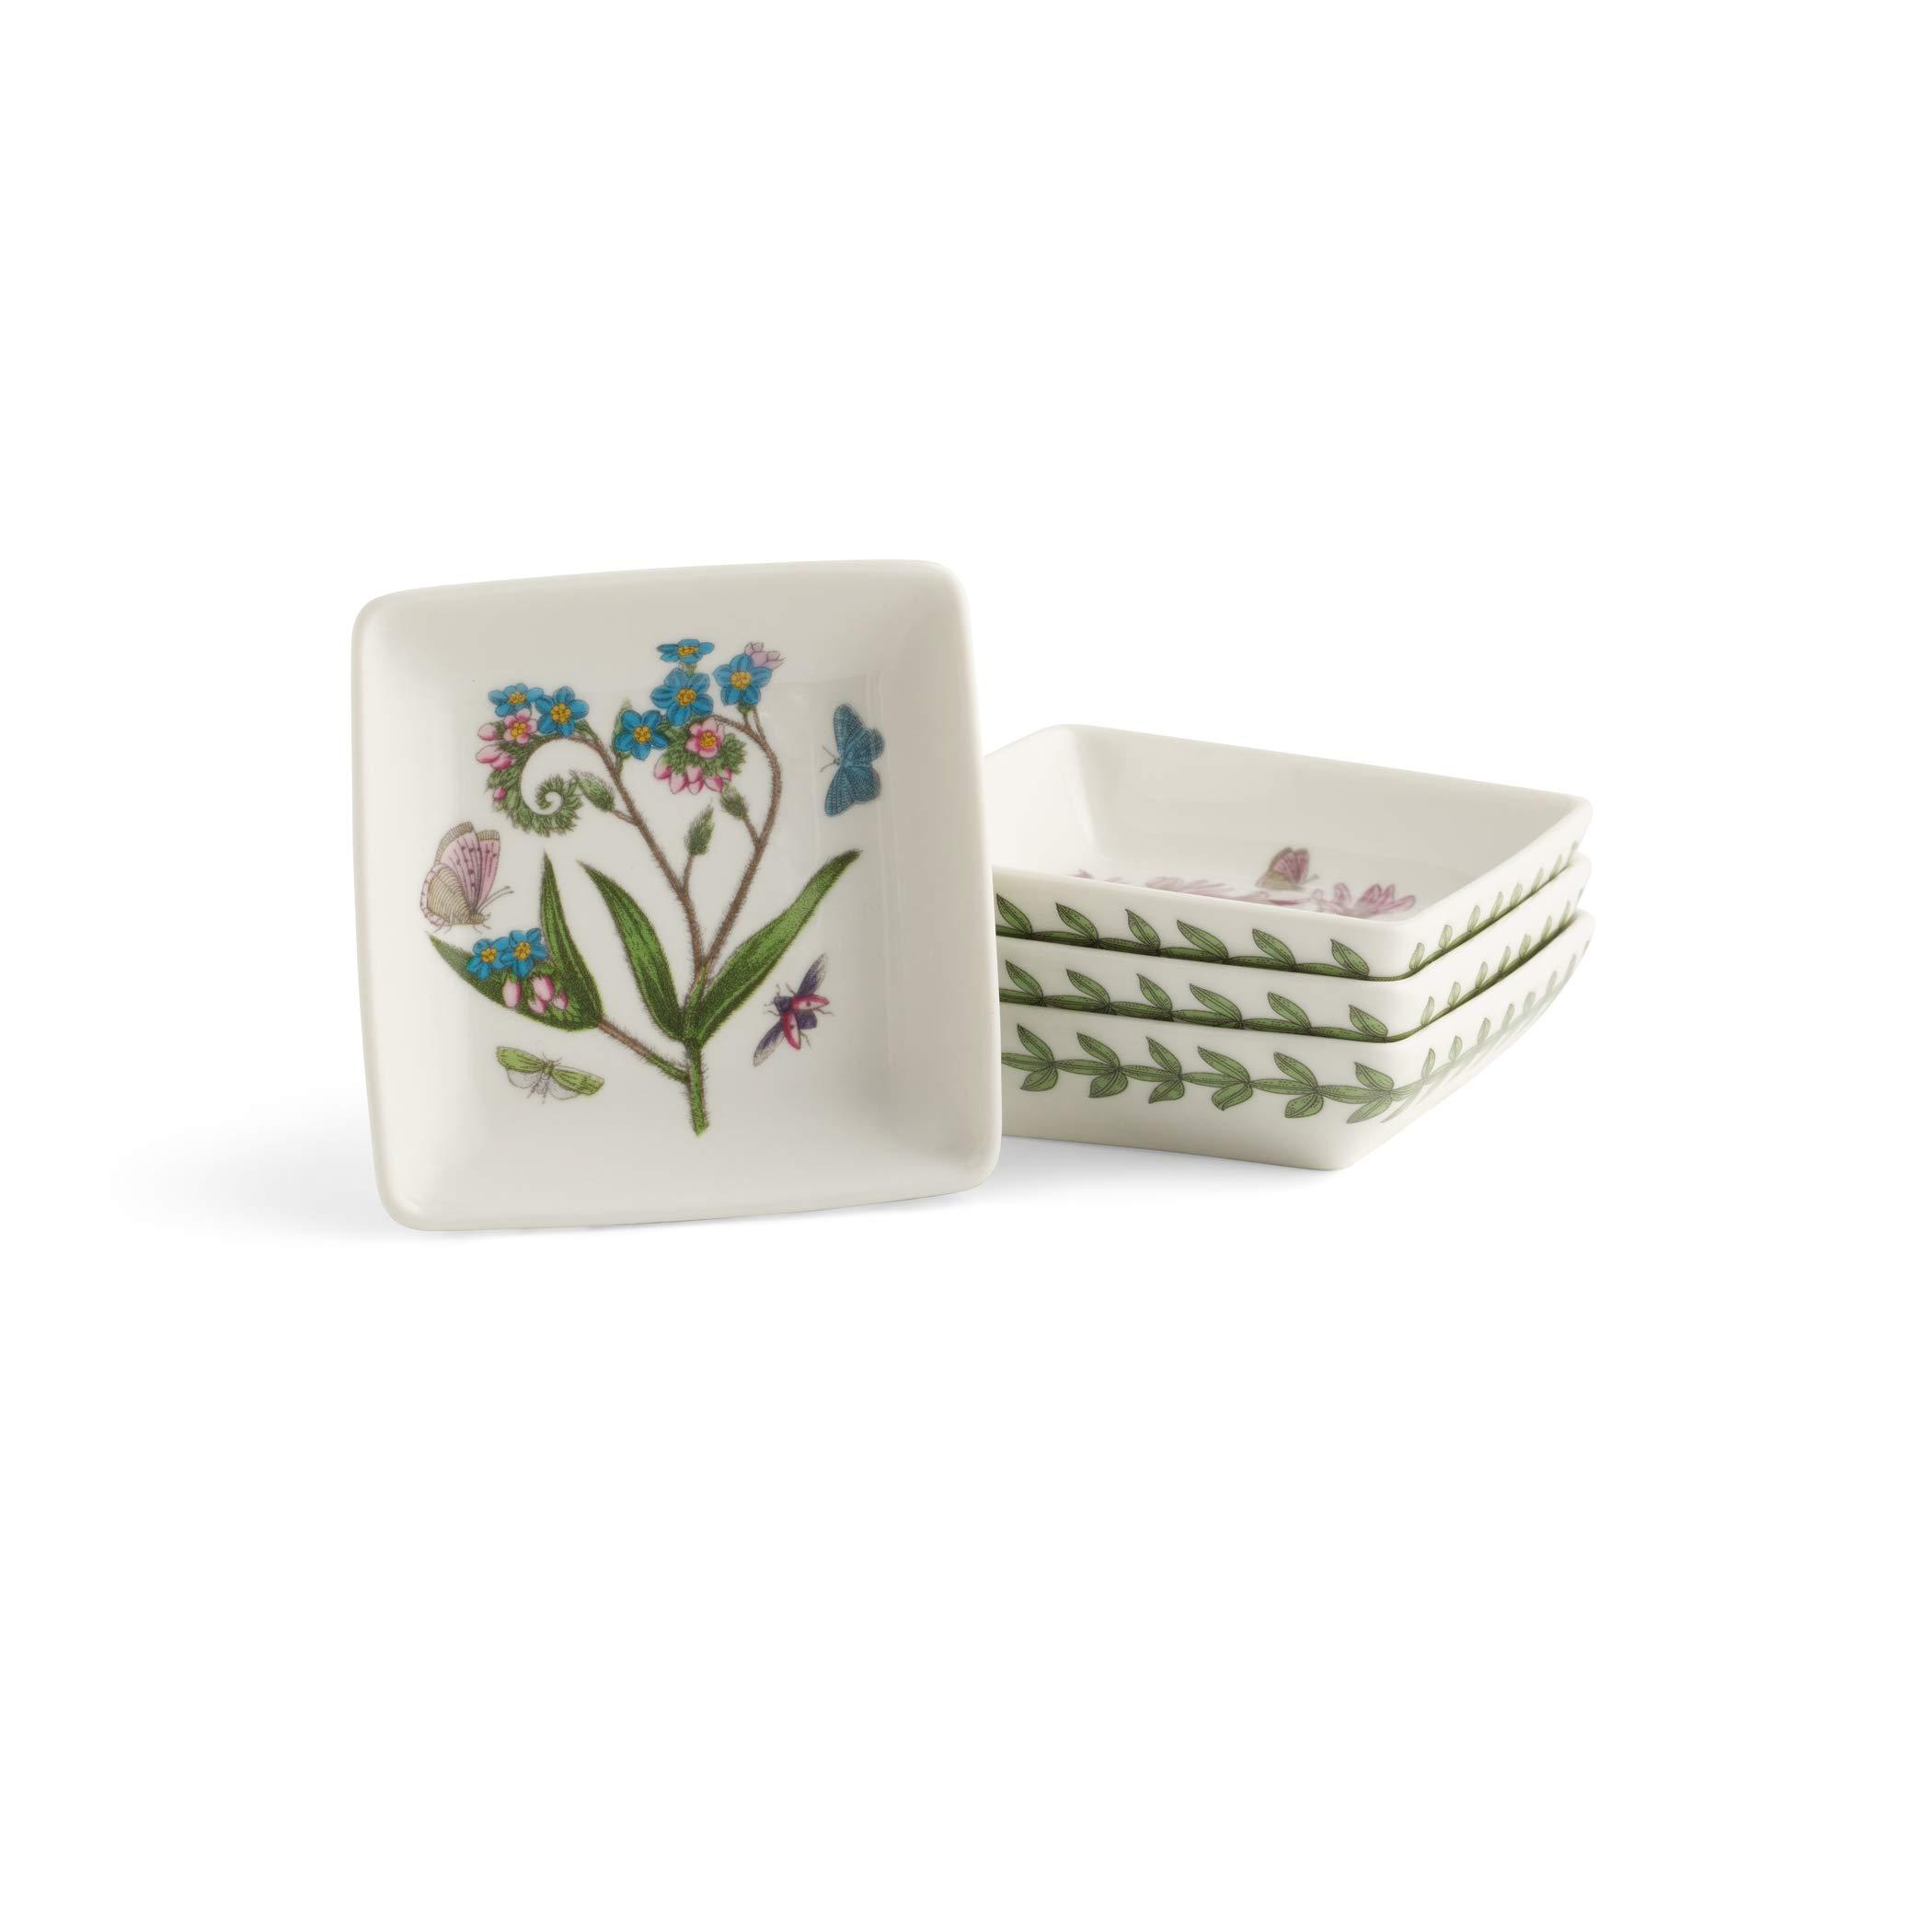 Portmeirion Botanic Garden Set of 4 Square Mini Dishes